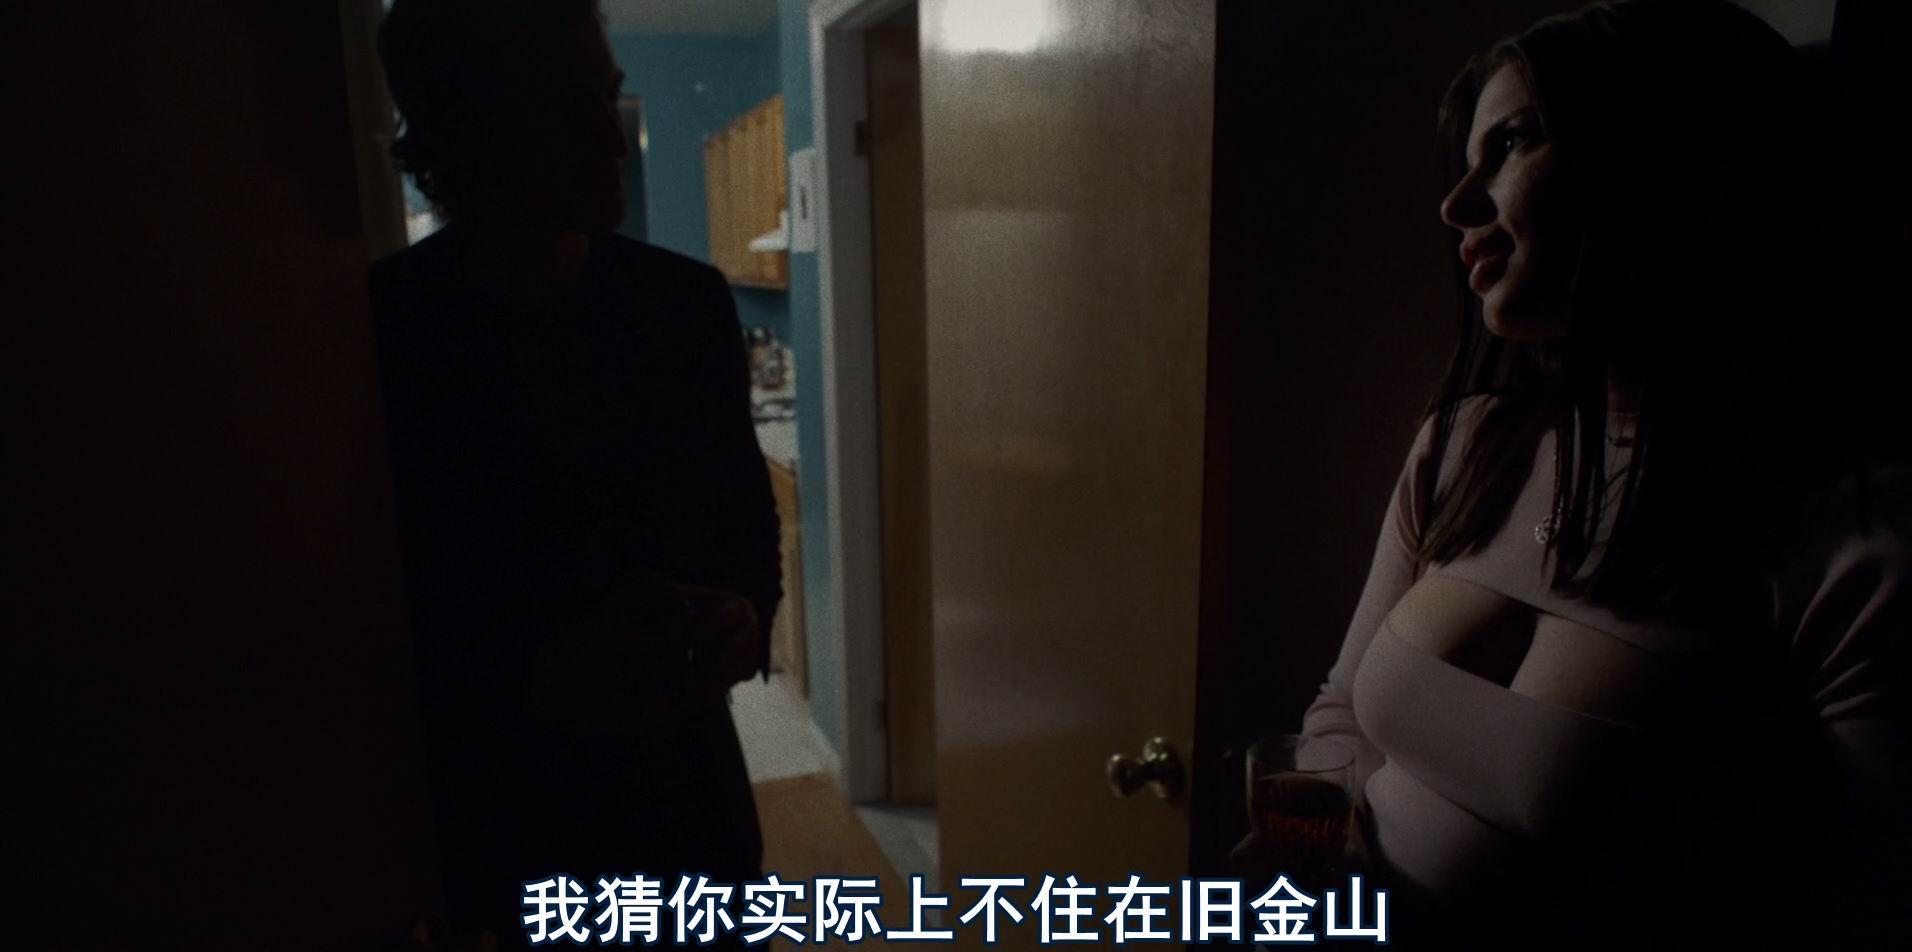 痴恋聊天剧照5